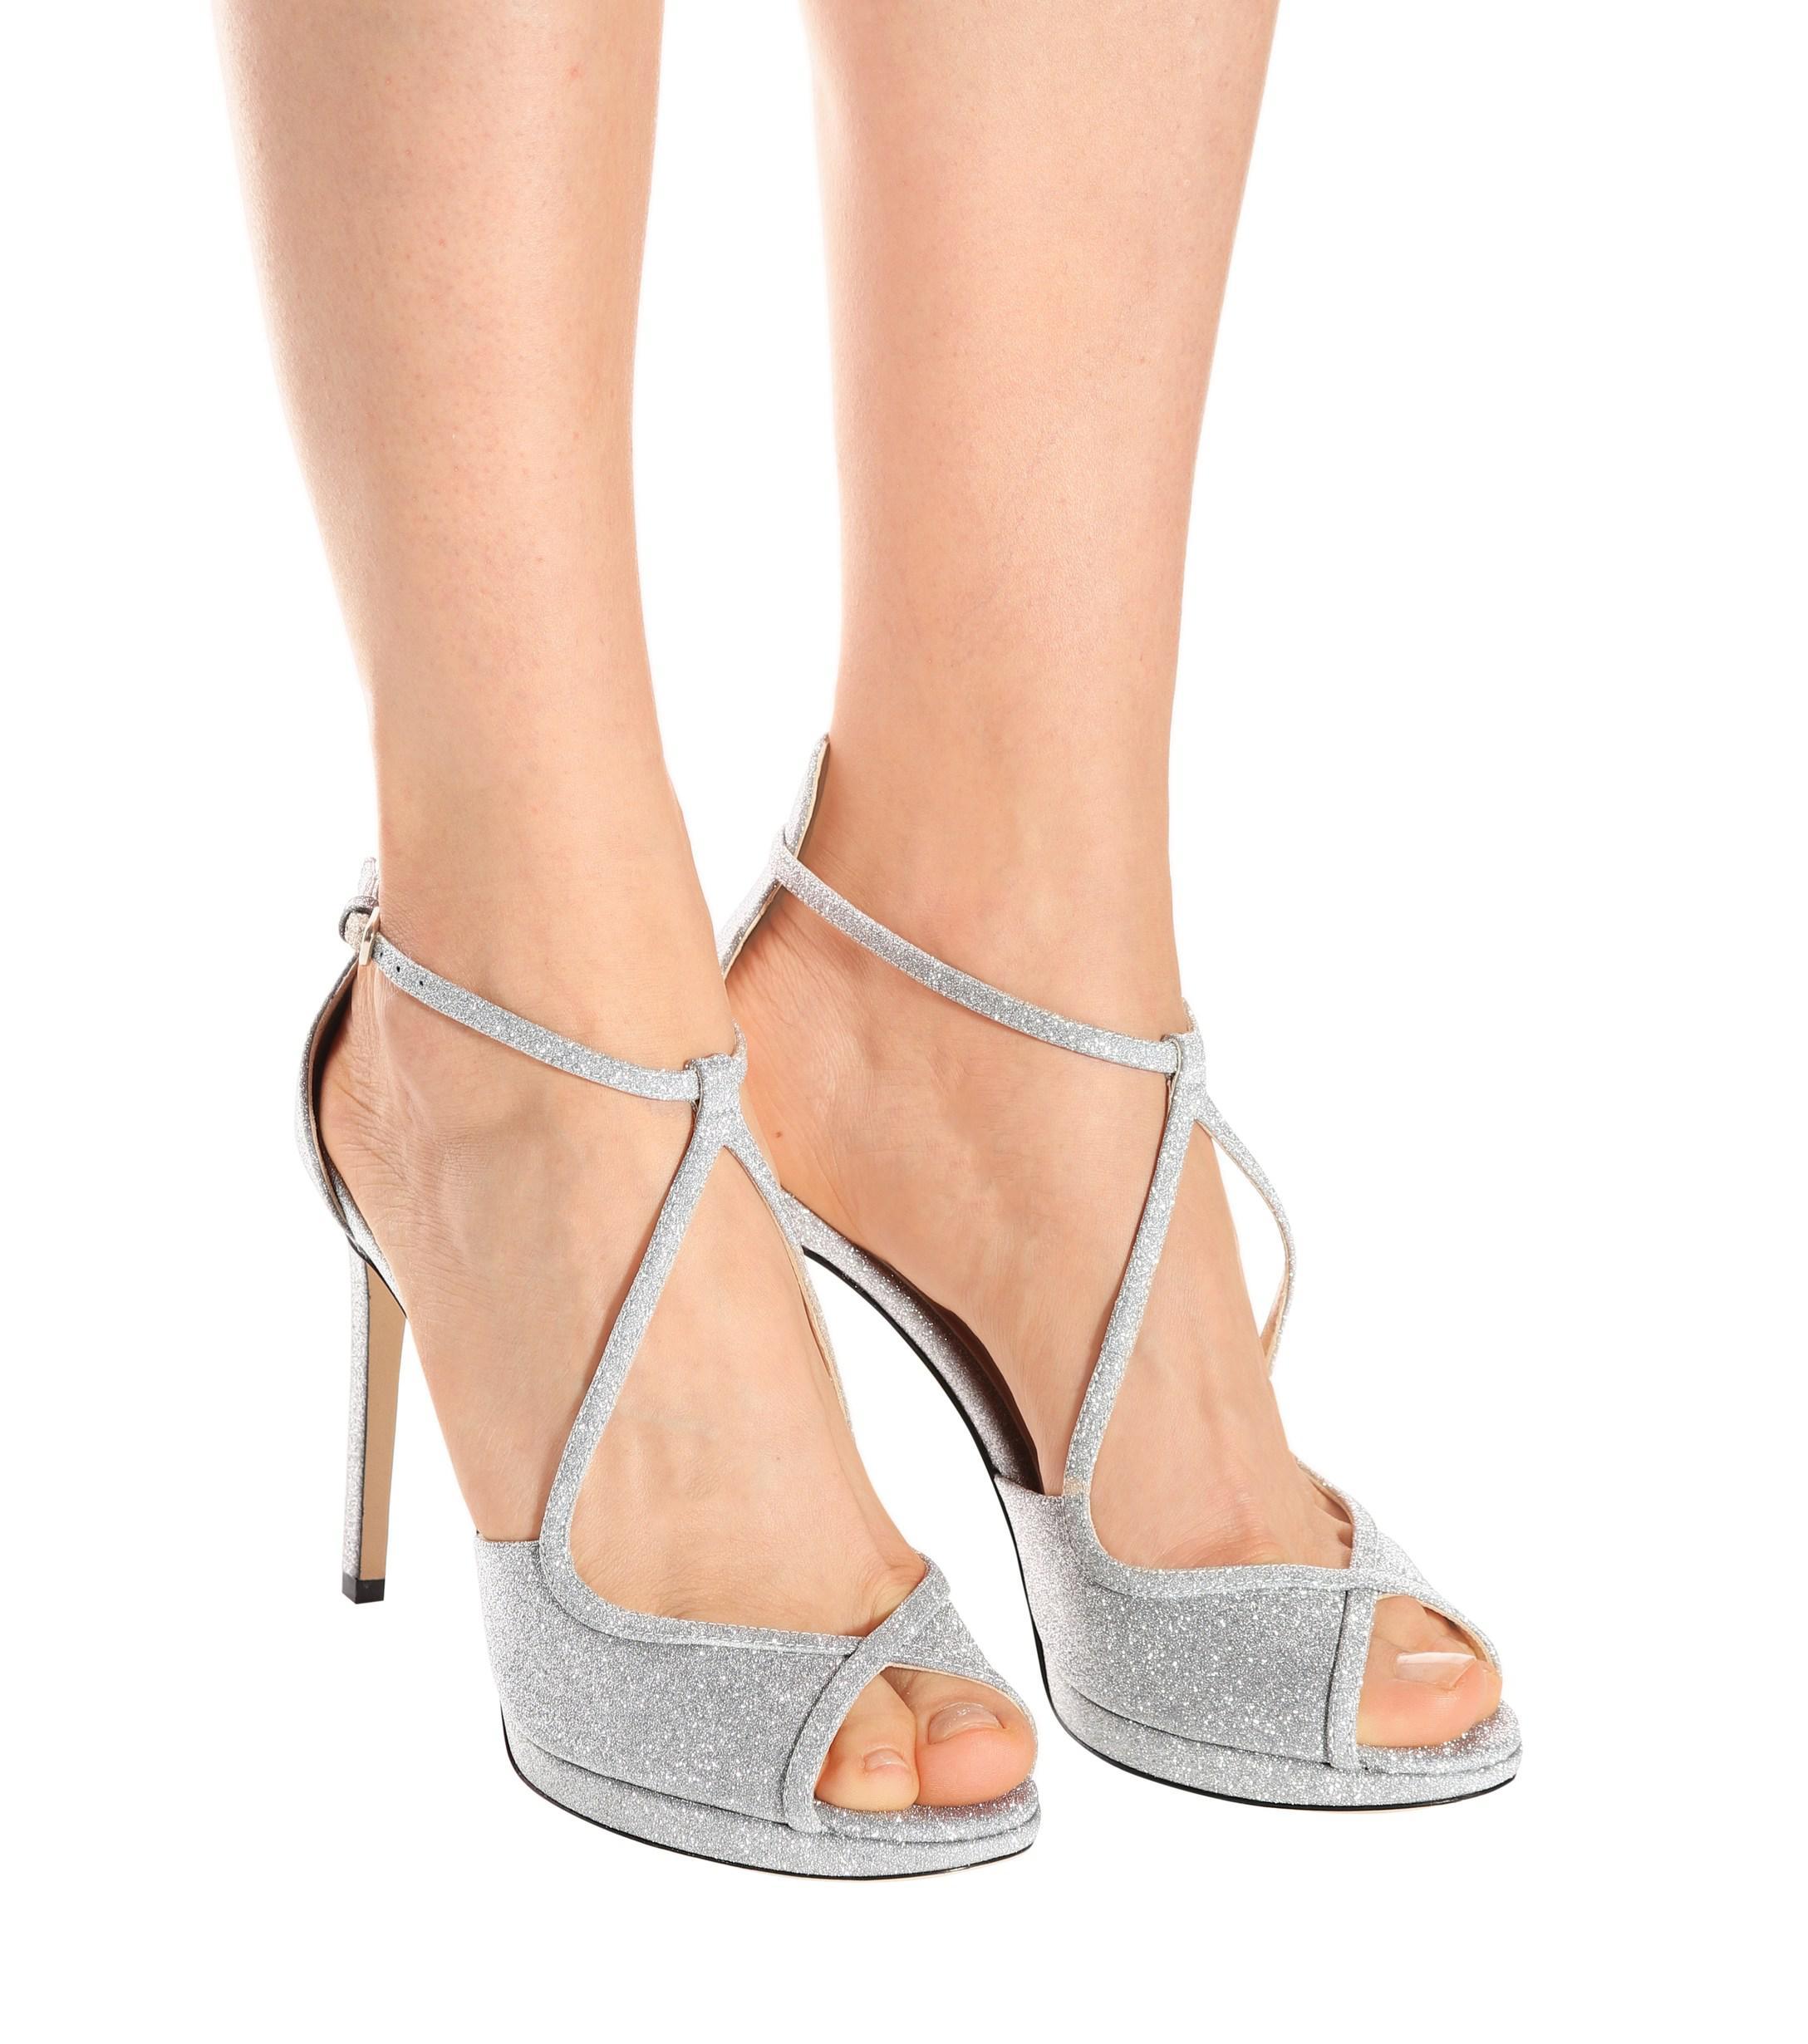 e48f868f557 Jimmy Choo - Metallic Fawne 100 Glitter Sandals - Lyst. View fullscreen